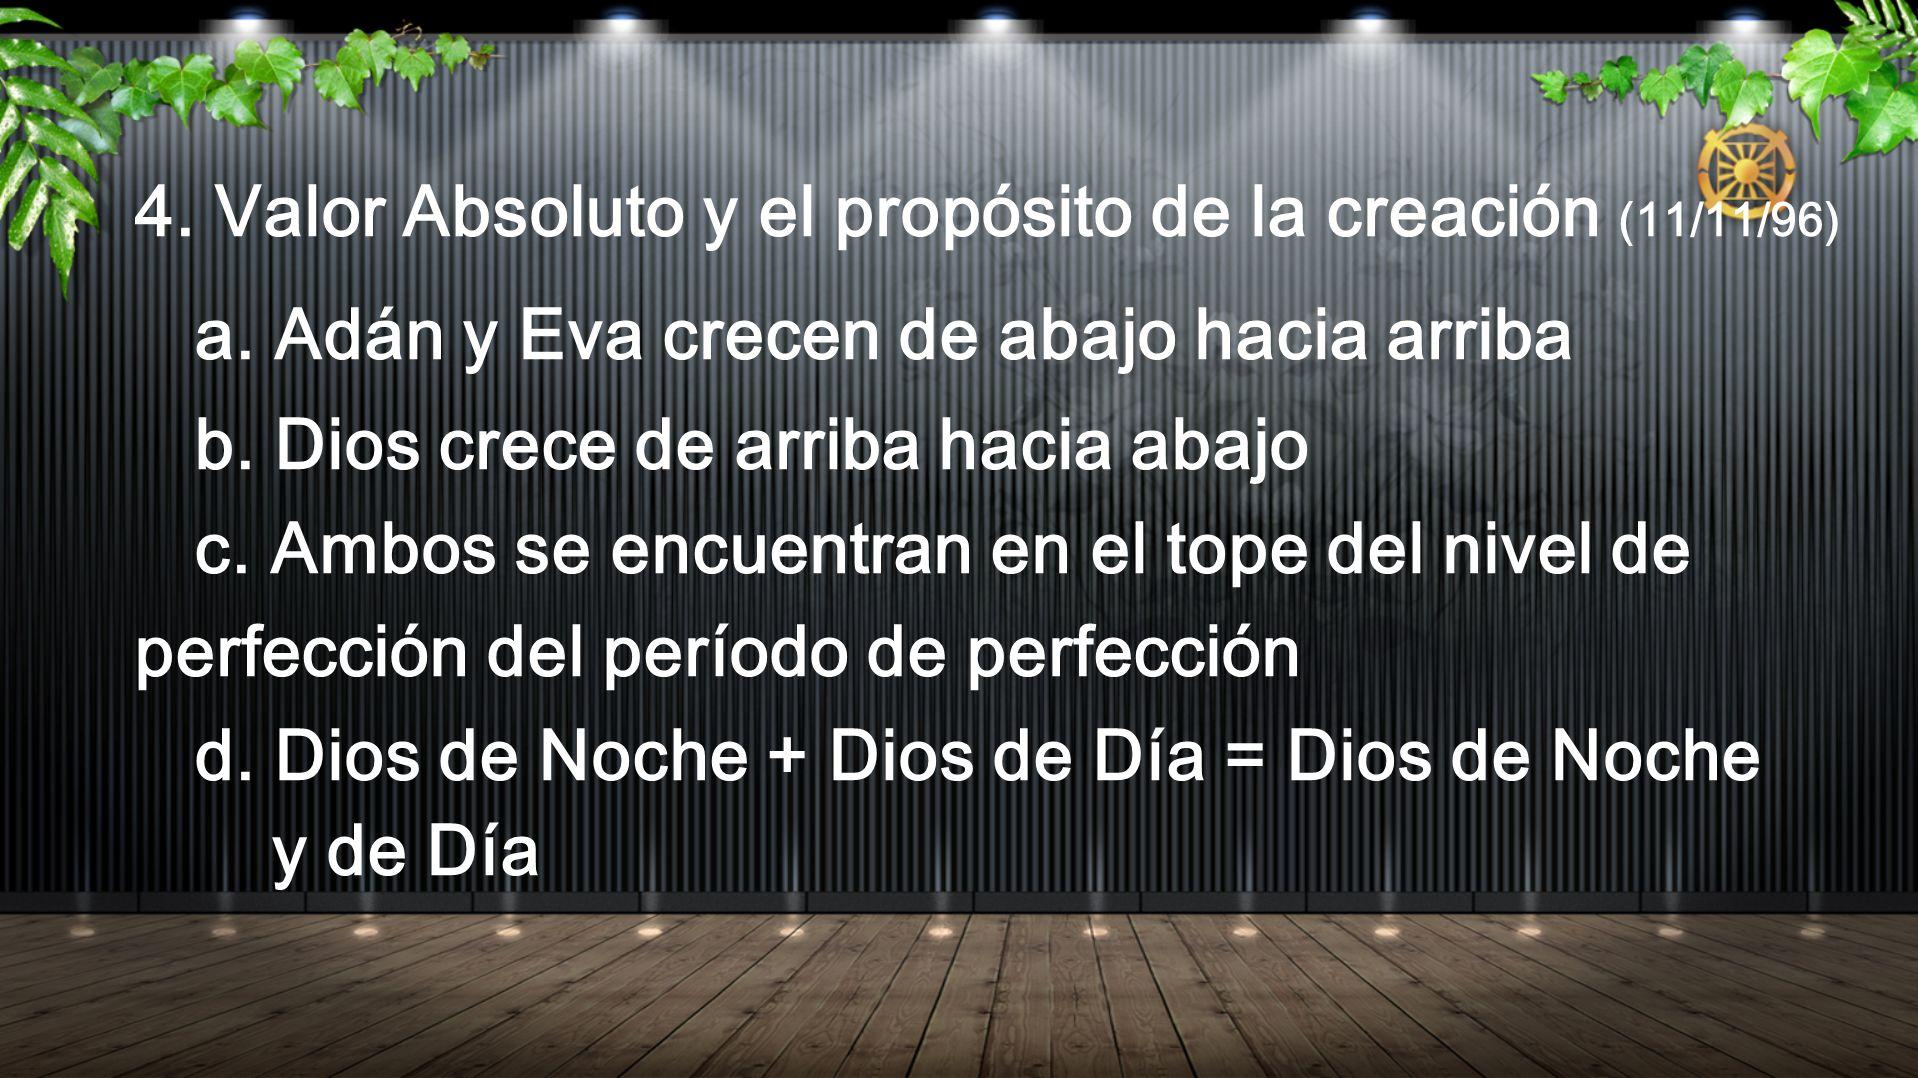 4. Valor Absoluto y el propósito de la creación (11/11/96) a. Adán y Eva crecen de abajo hacia arriba b. Dios crece de arriba hacia abajo c. Ambos se